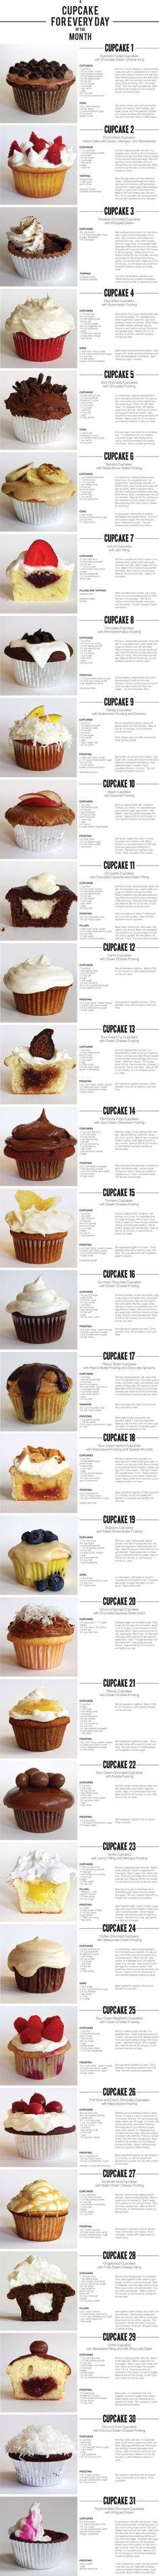 huge list of cupcakes